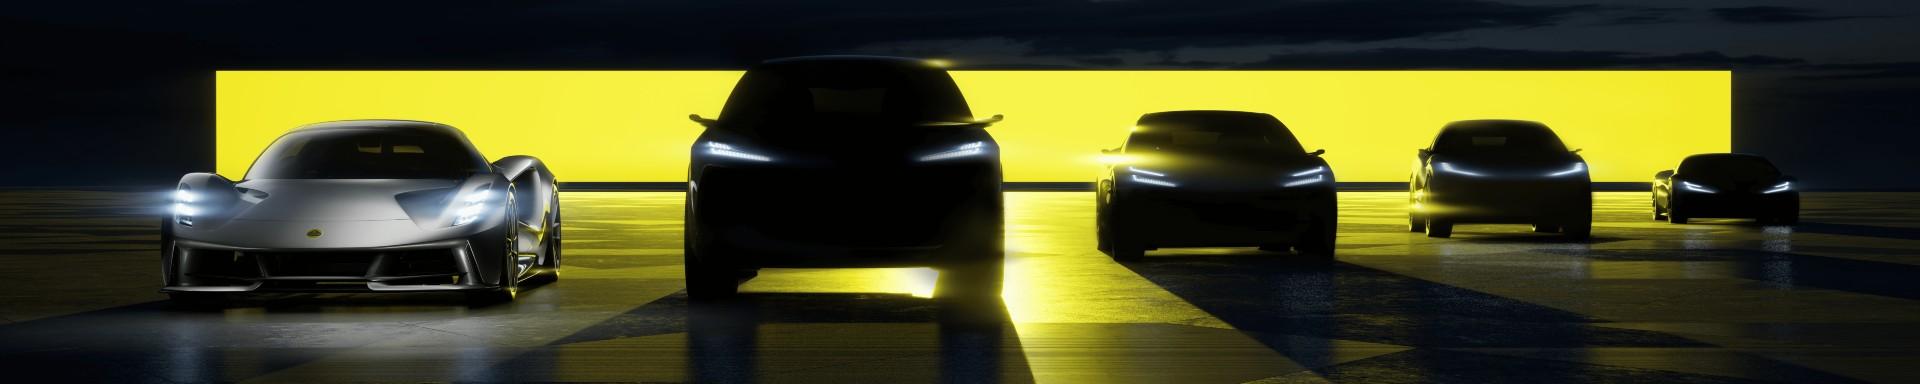 أصدرت لوتس صورة تشويقية لـ4 سيارات جديدة كهربائية بالكامل قبل عام 2026.